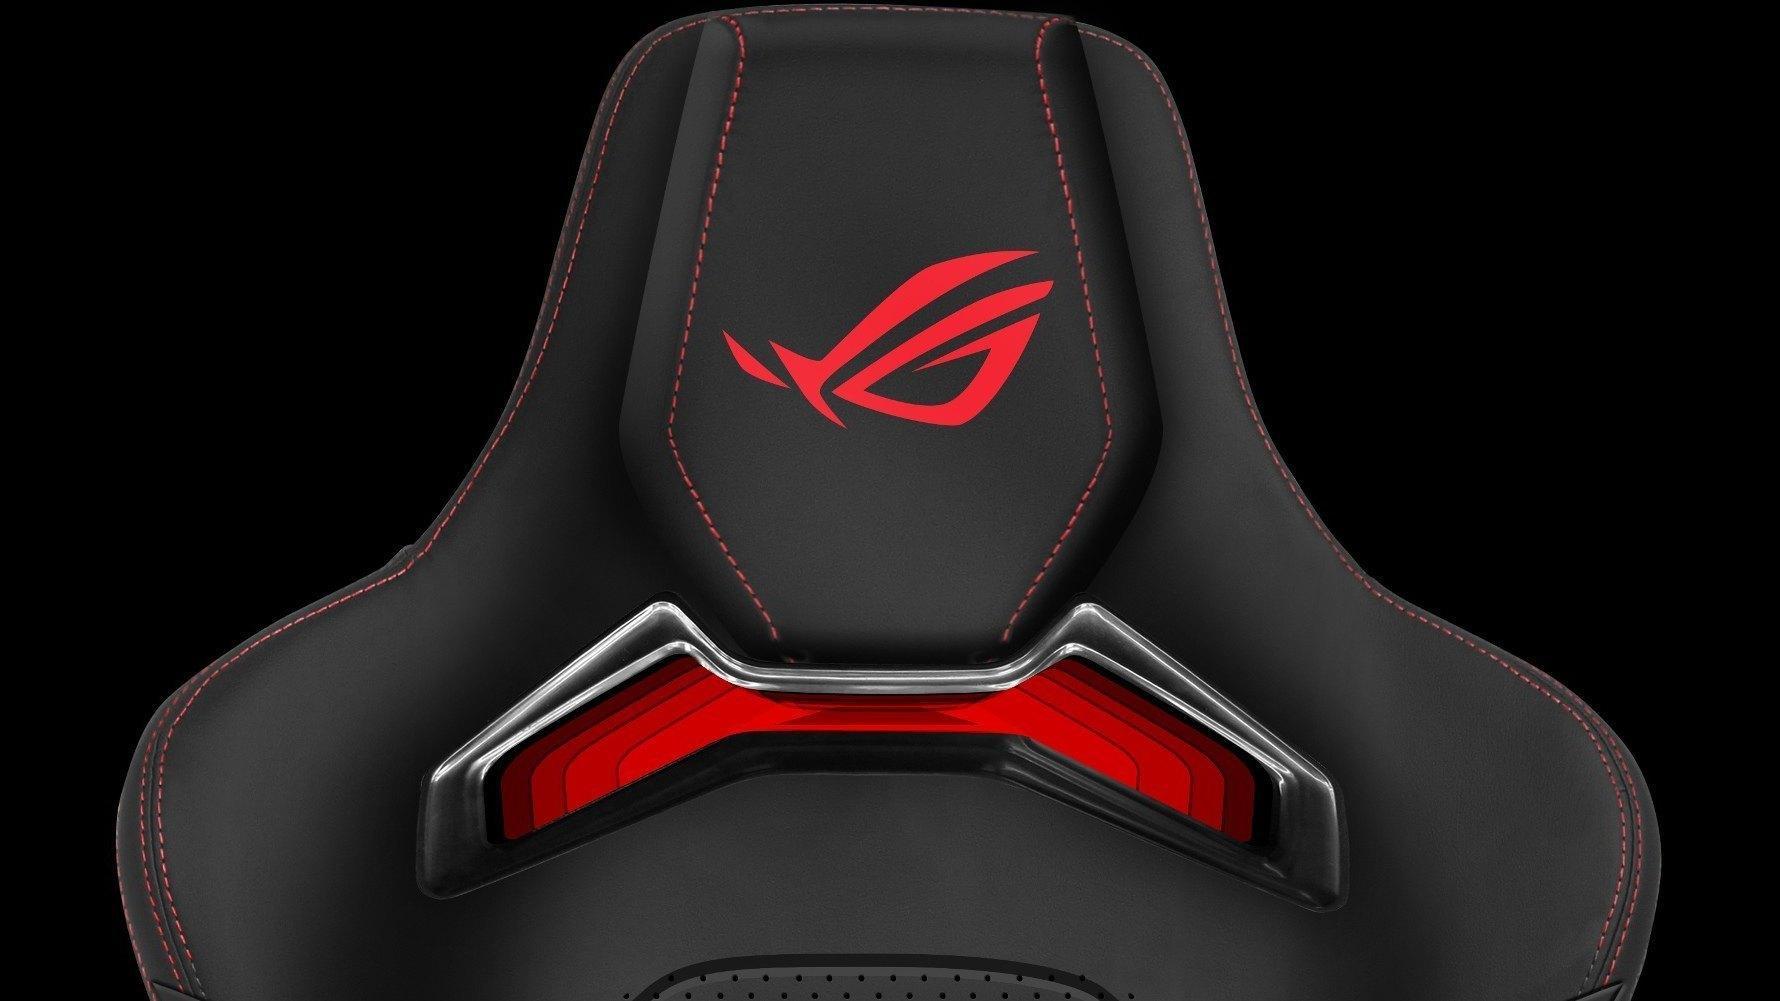 Asus lanserer gamingstol og ryggsekk... med RGB-belysning